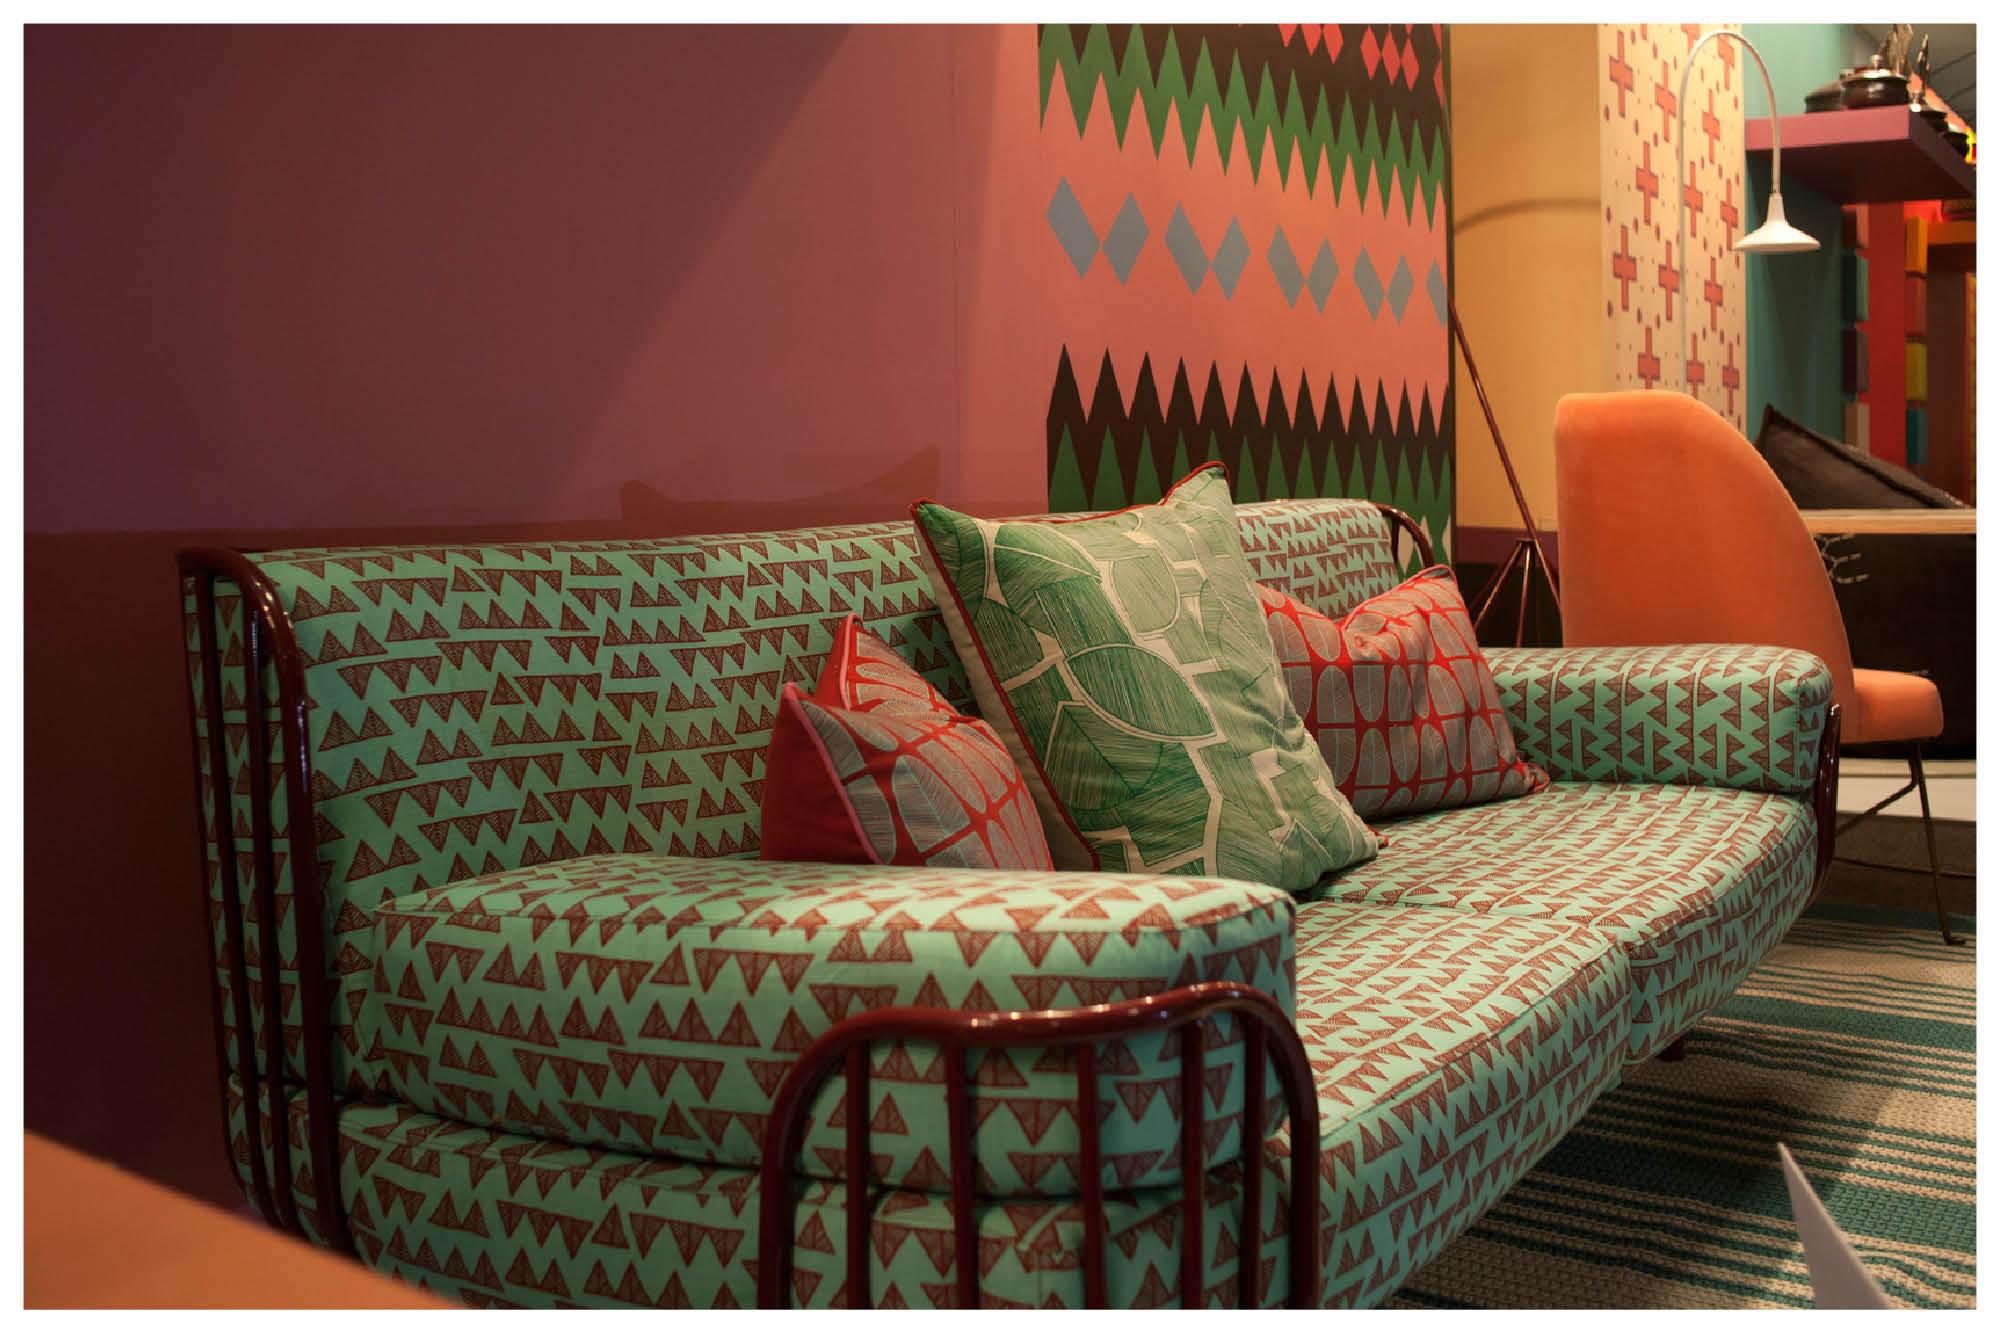 MOS TULIP sofaat 100% design_1.jpg